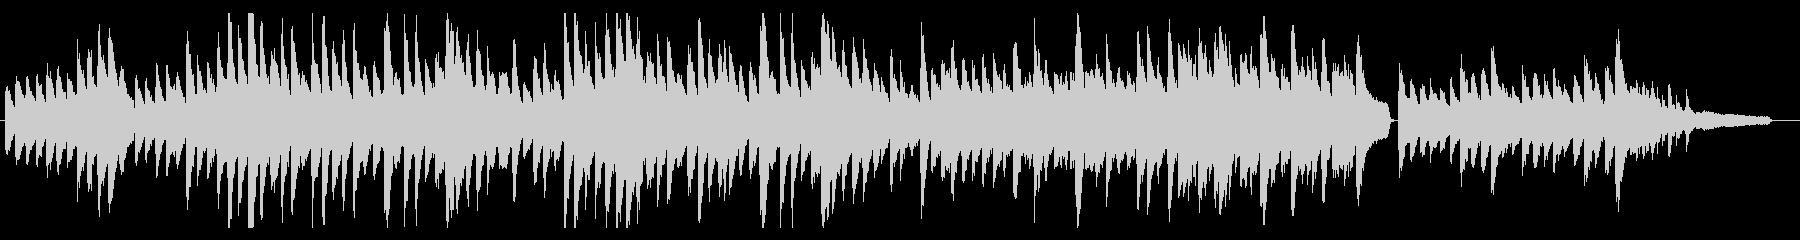 哀しくゆったりとしたソロピアノBGMの未再生の波形